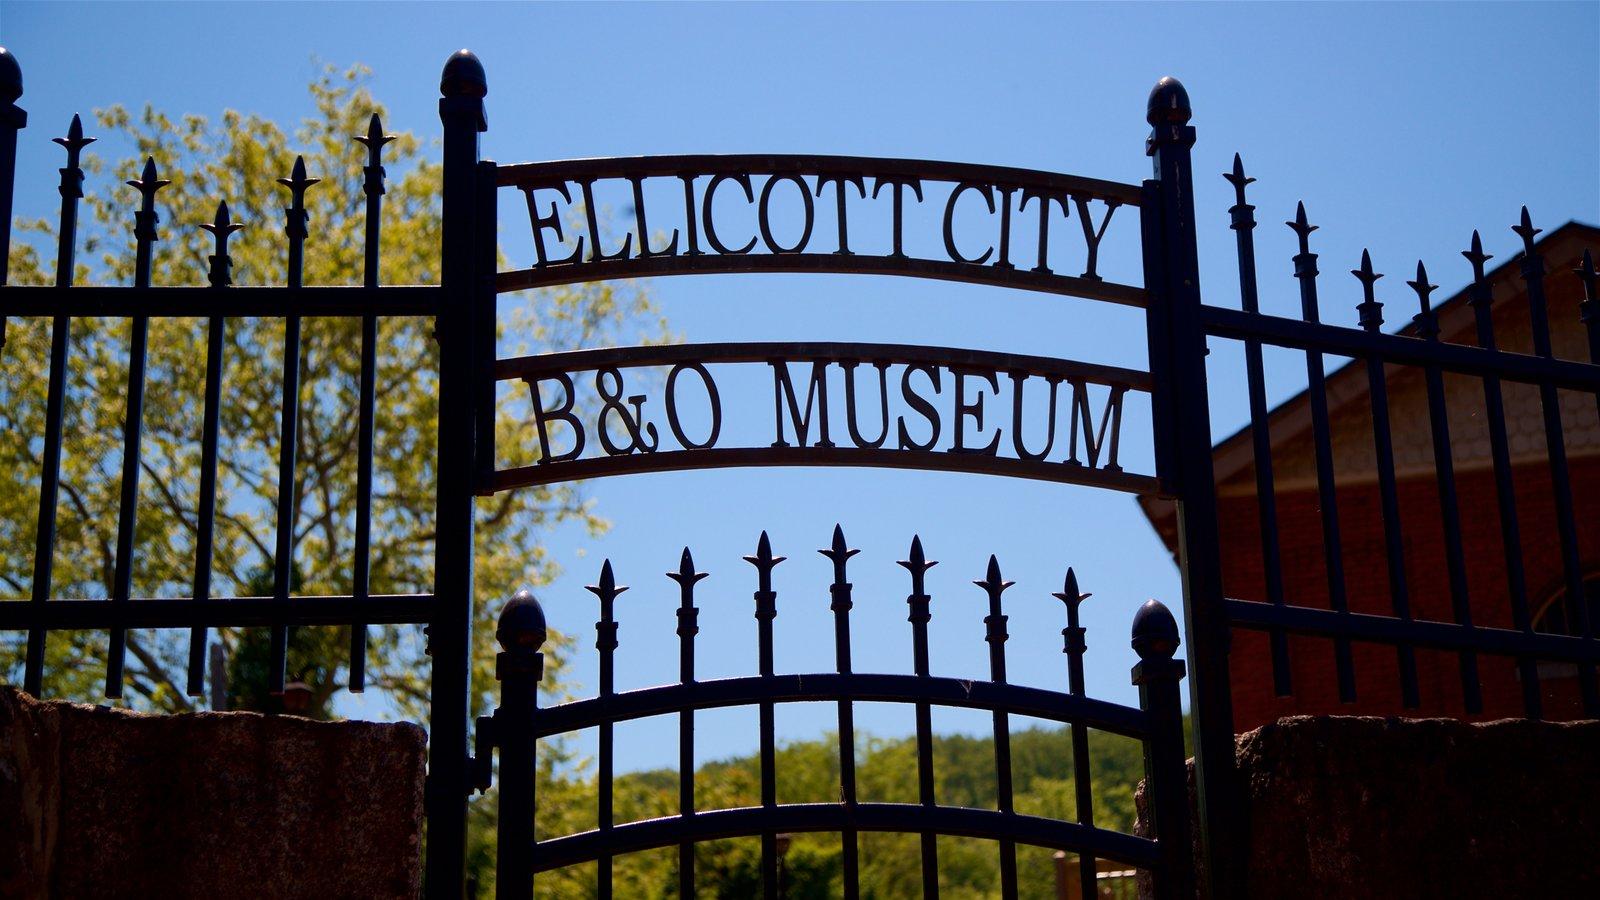 Museo de estación de ferrocarril B&O mostrando señalización